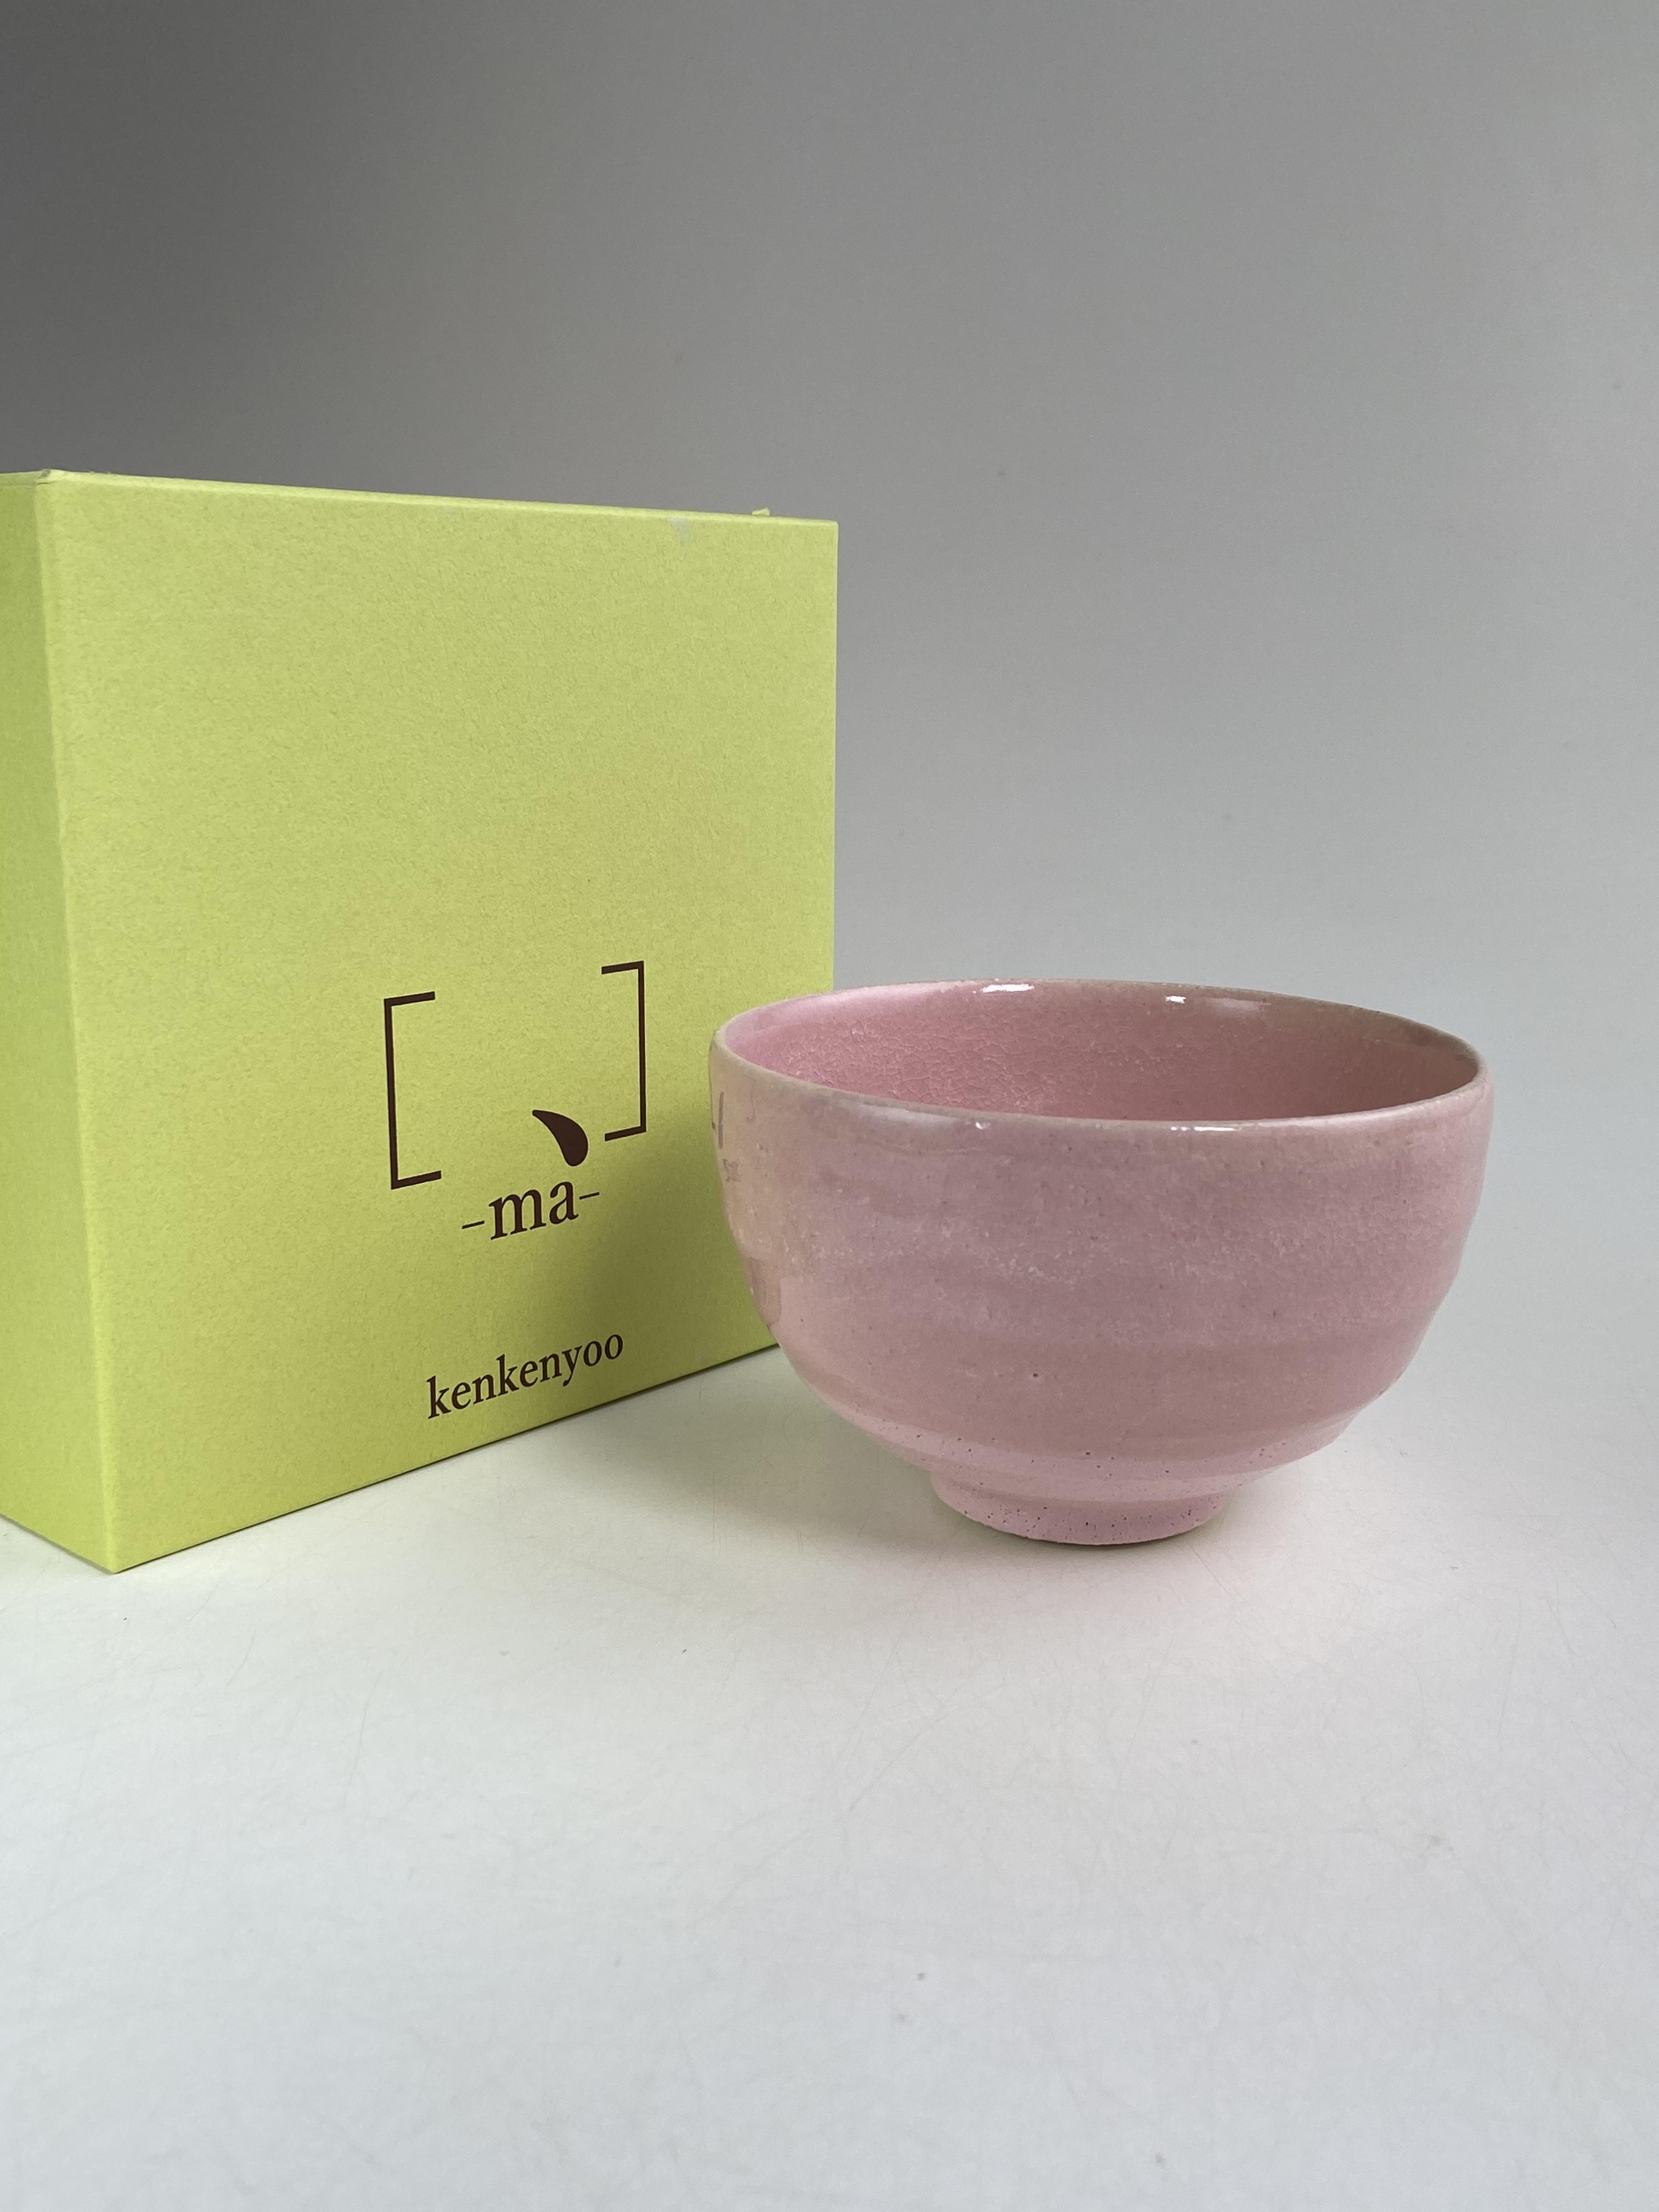 カジュアル抹茶 momo茶碗 cas-4